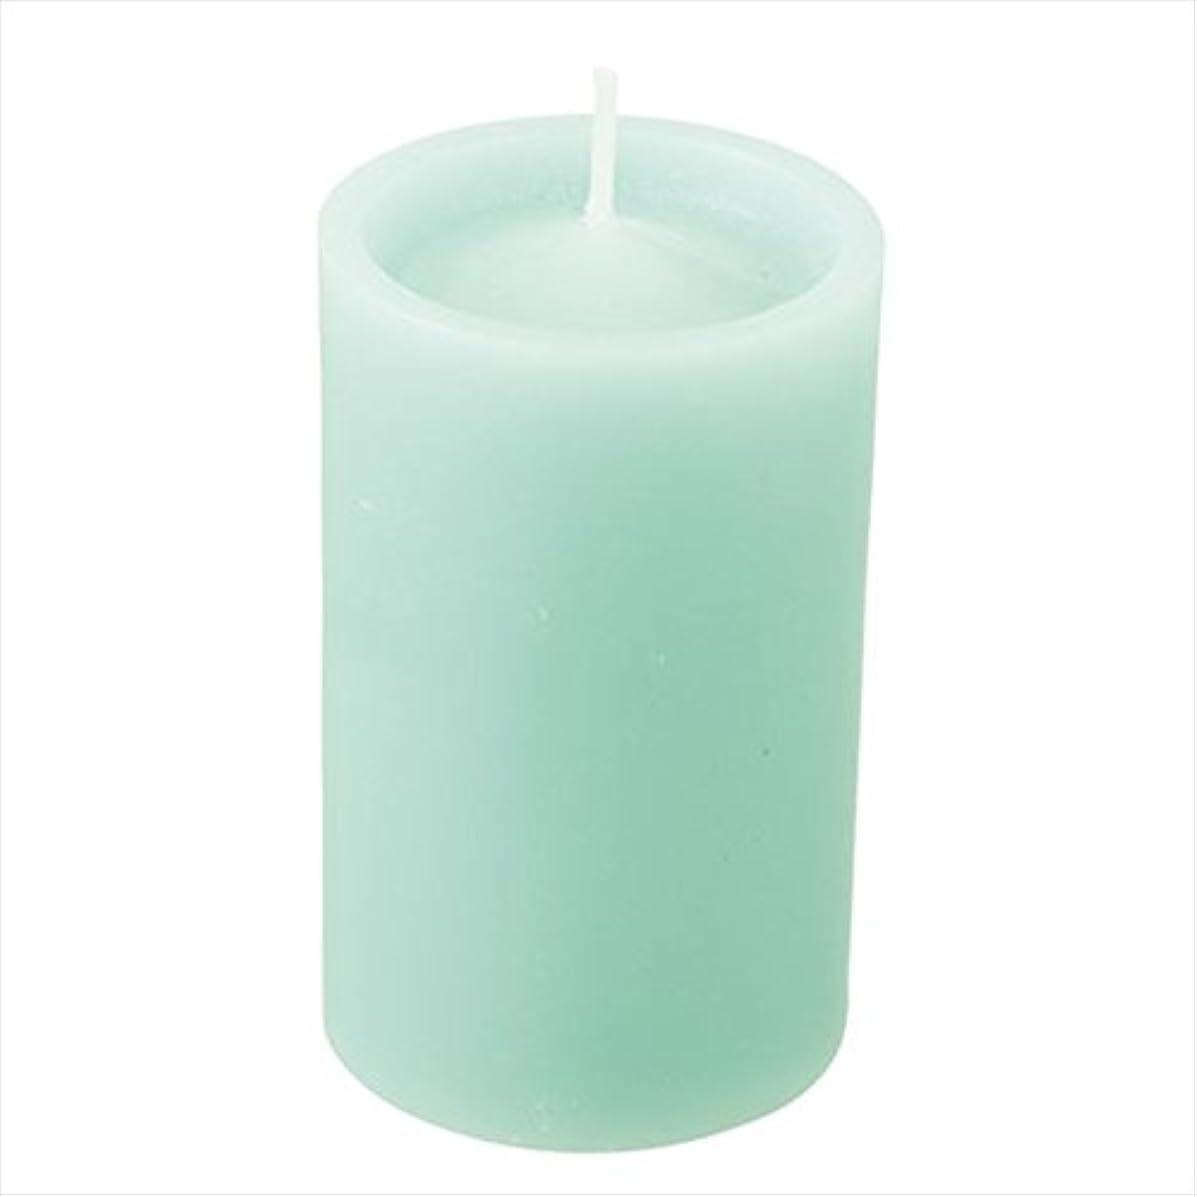 拘束するタイムリーな砂利カメヤマキャンドル(kameyama candle) ロイヤルラウンド60 「 ライトグリーン 」